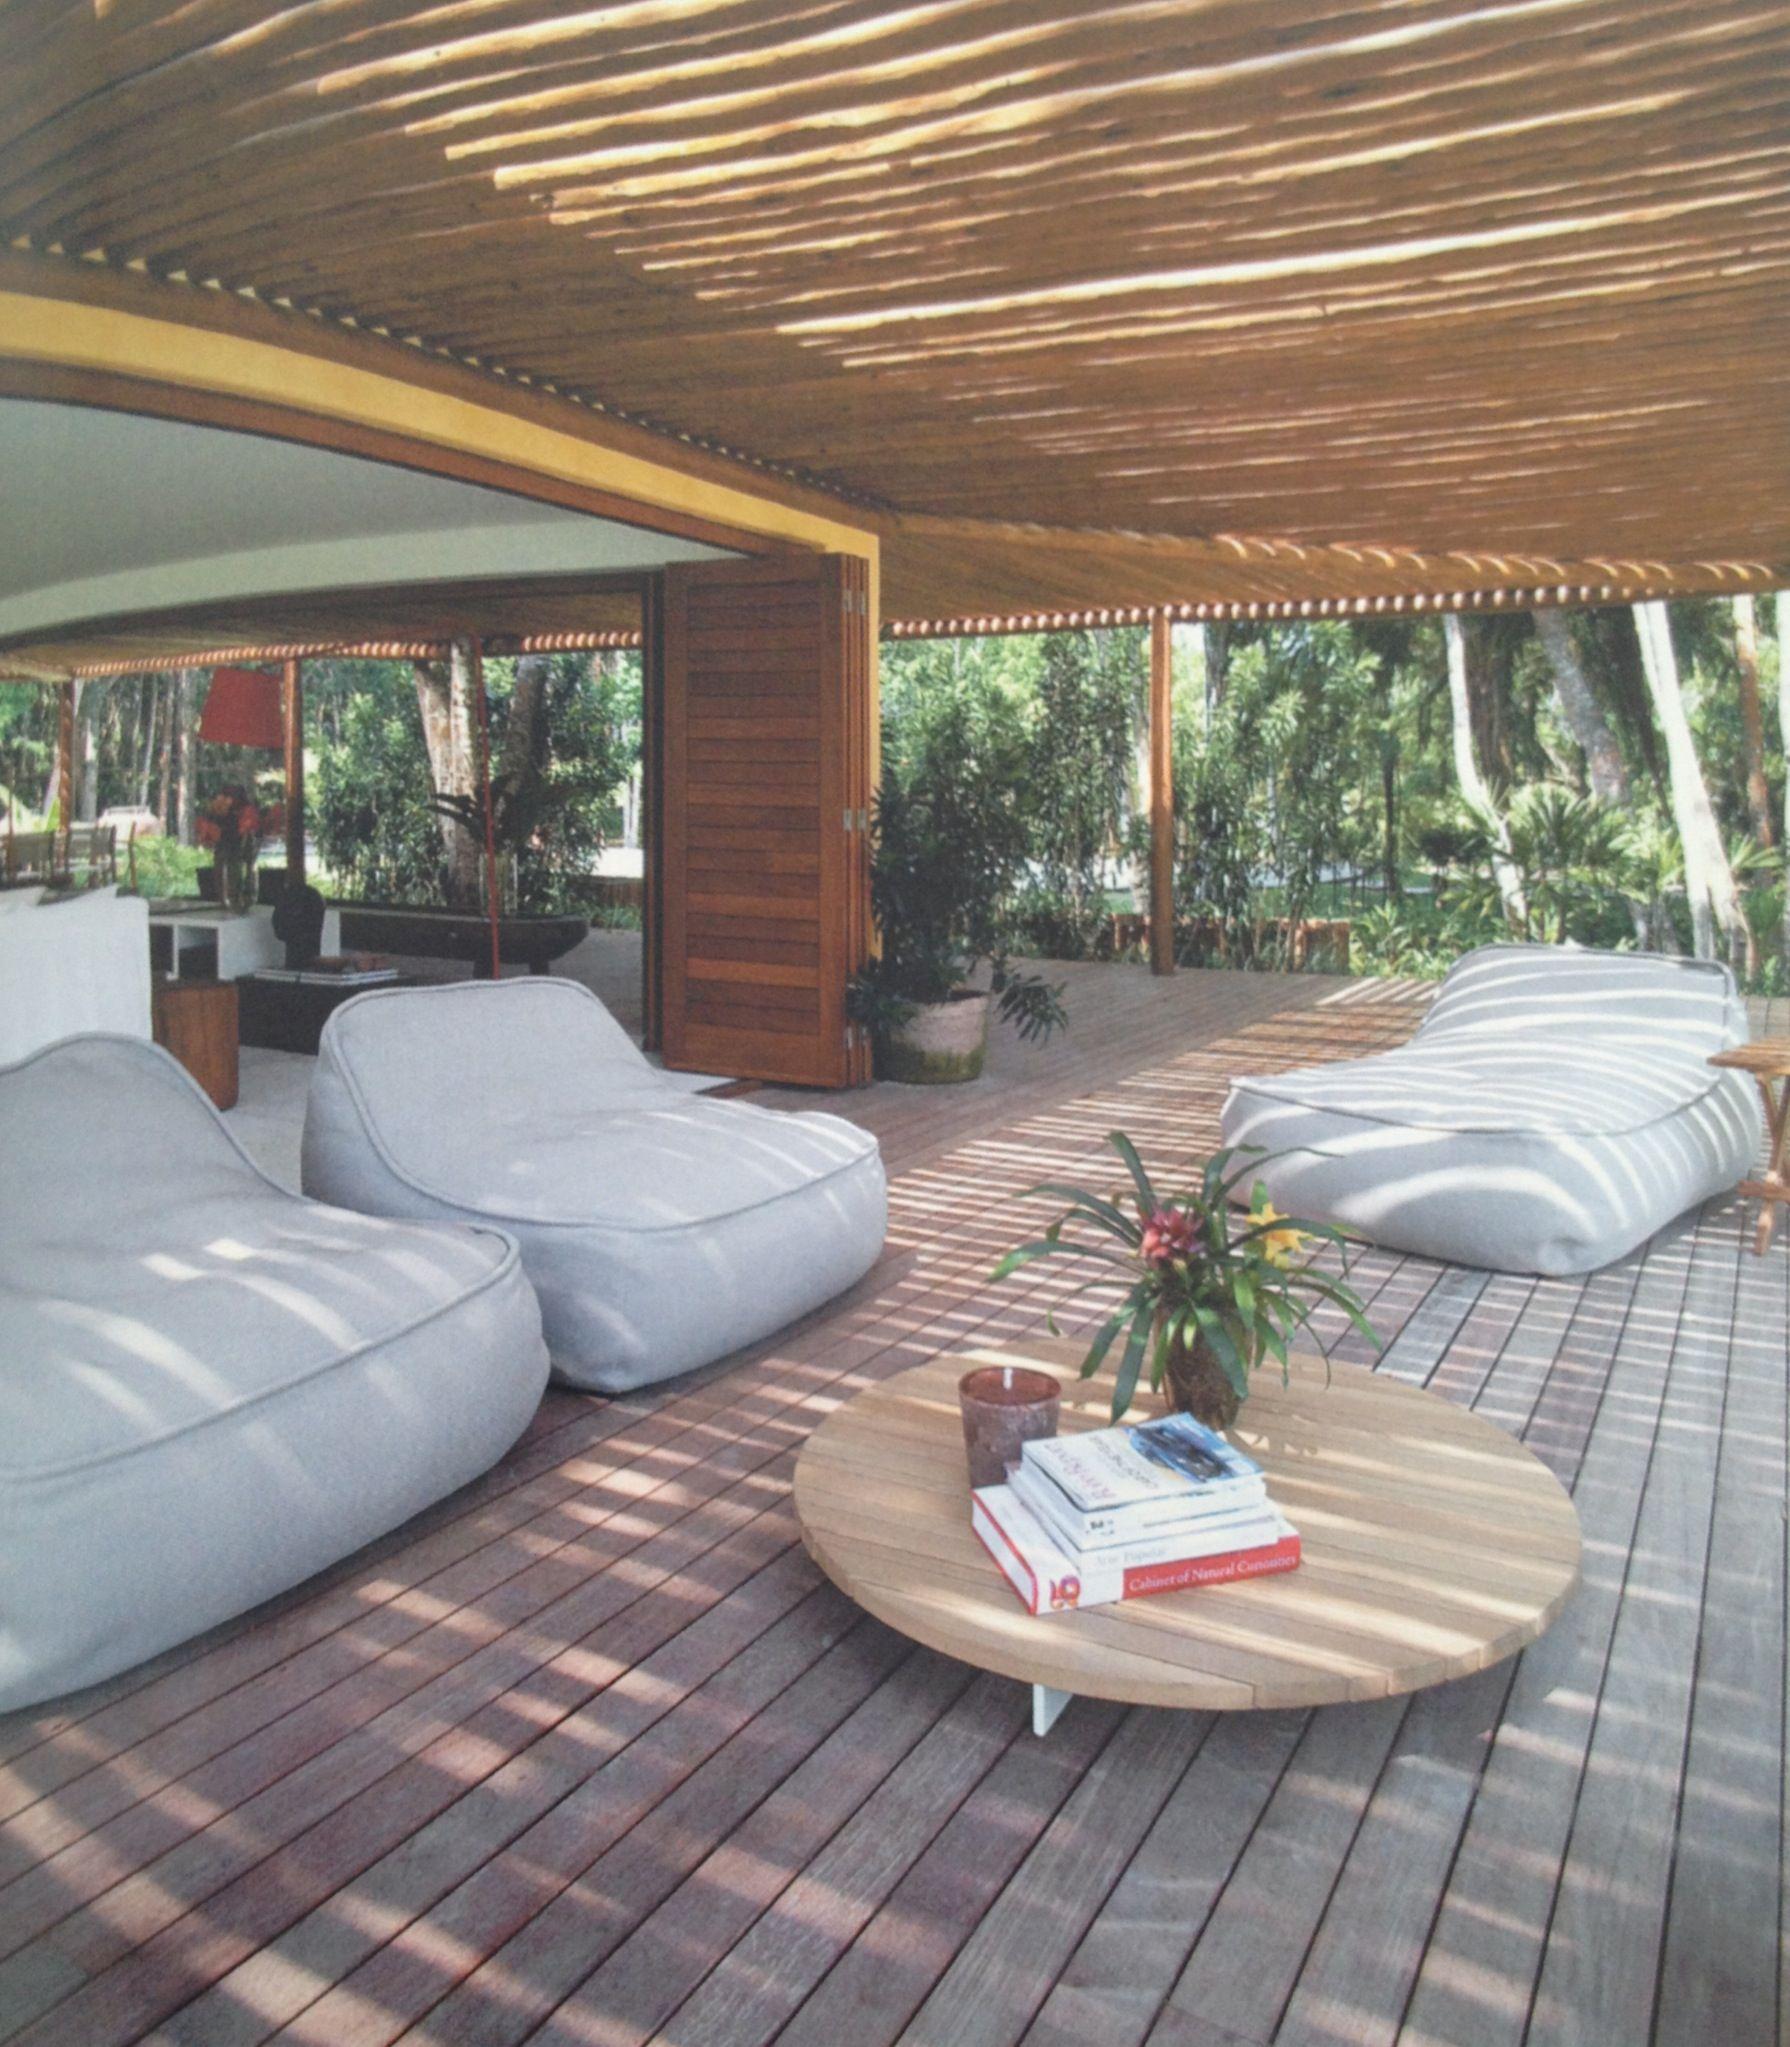 Pin de Laura Schuch em Terraço Casa com alpendre, Varanda de madeira e Pergolado de bambu -> Decoração De Varandas Externas De Casas